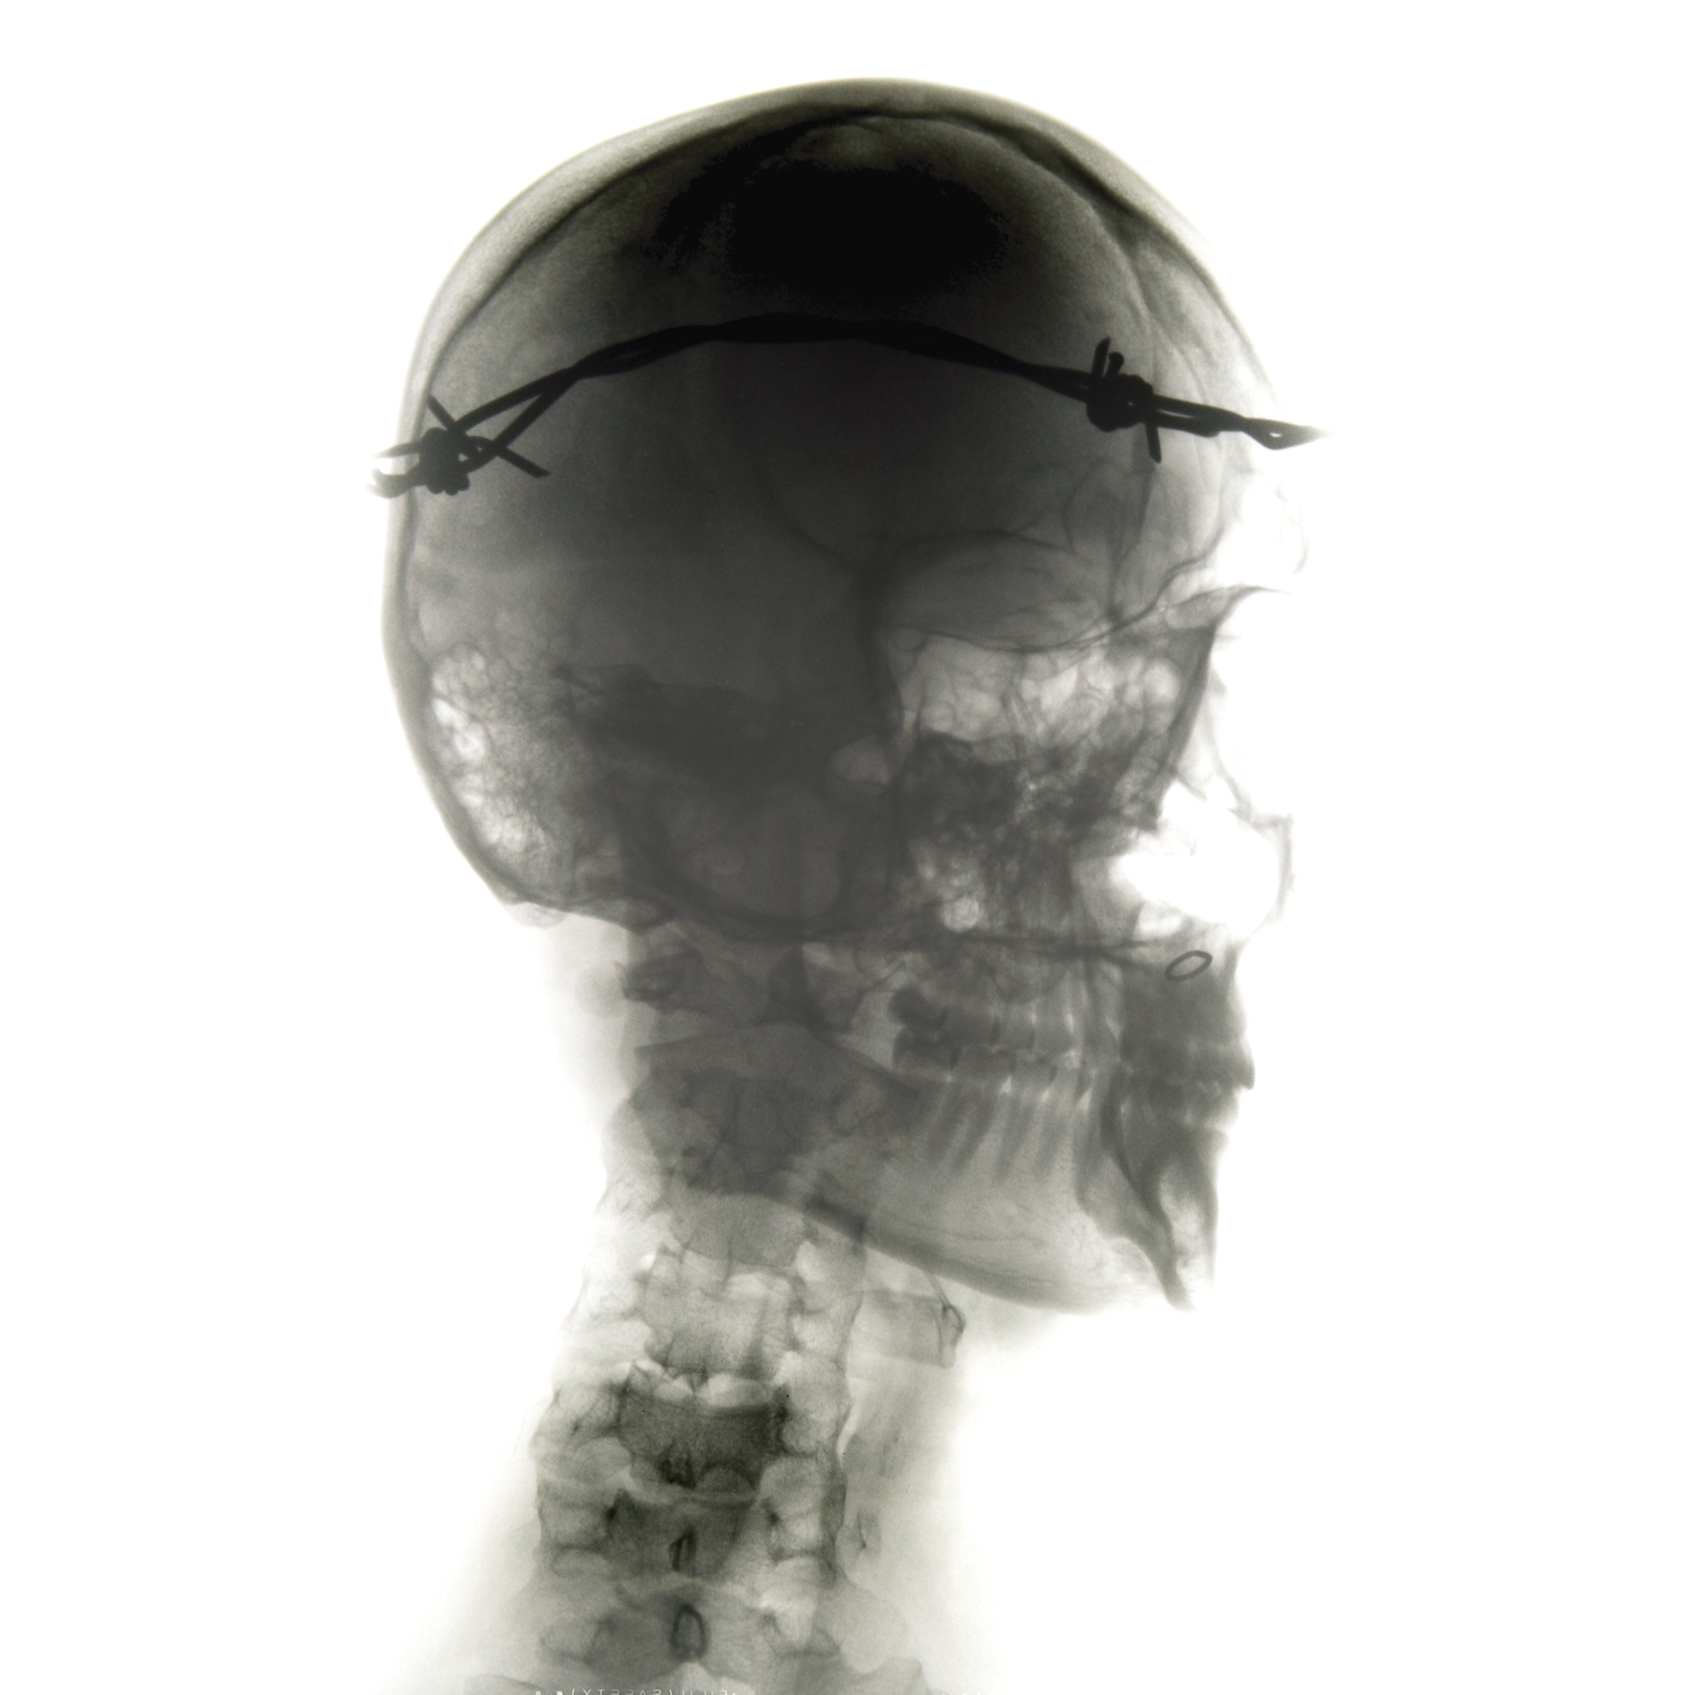 Mártires Radiográficos: El Mesías